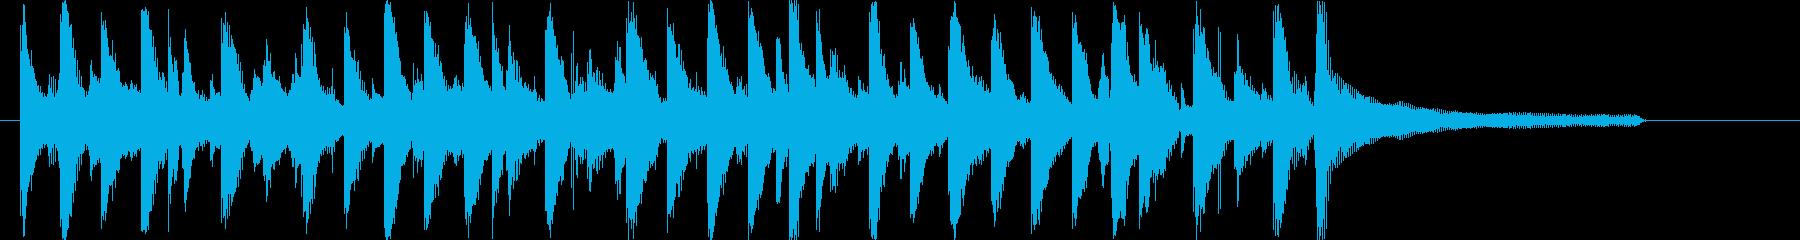 ほのぼの明るいアコースティックロゴ♪の再生済みの波形